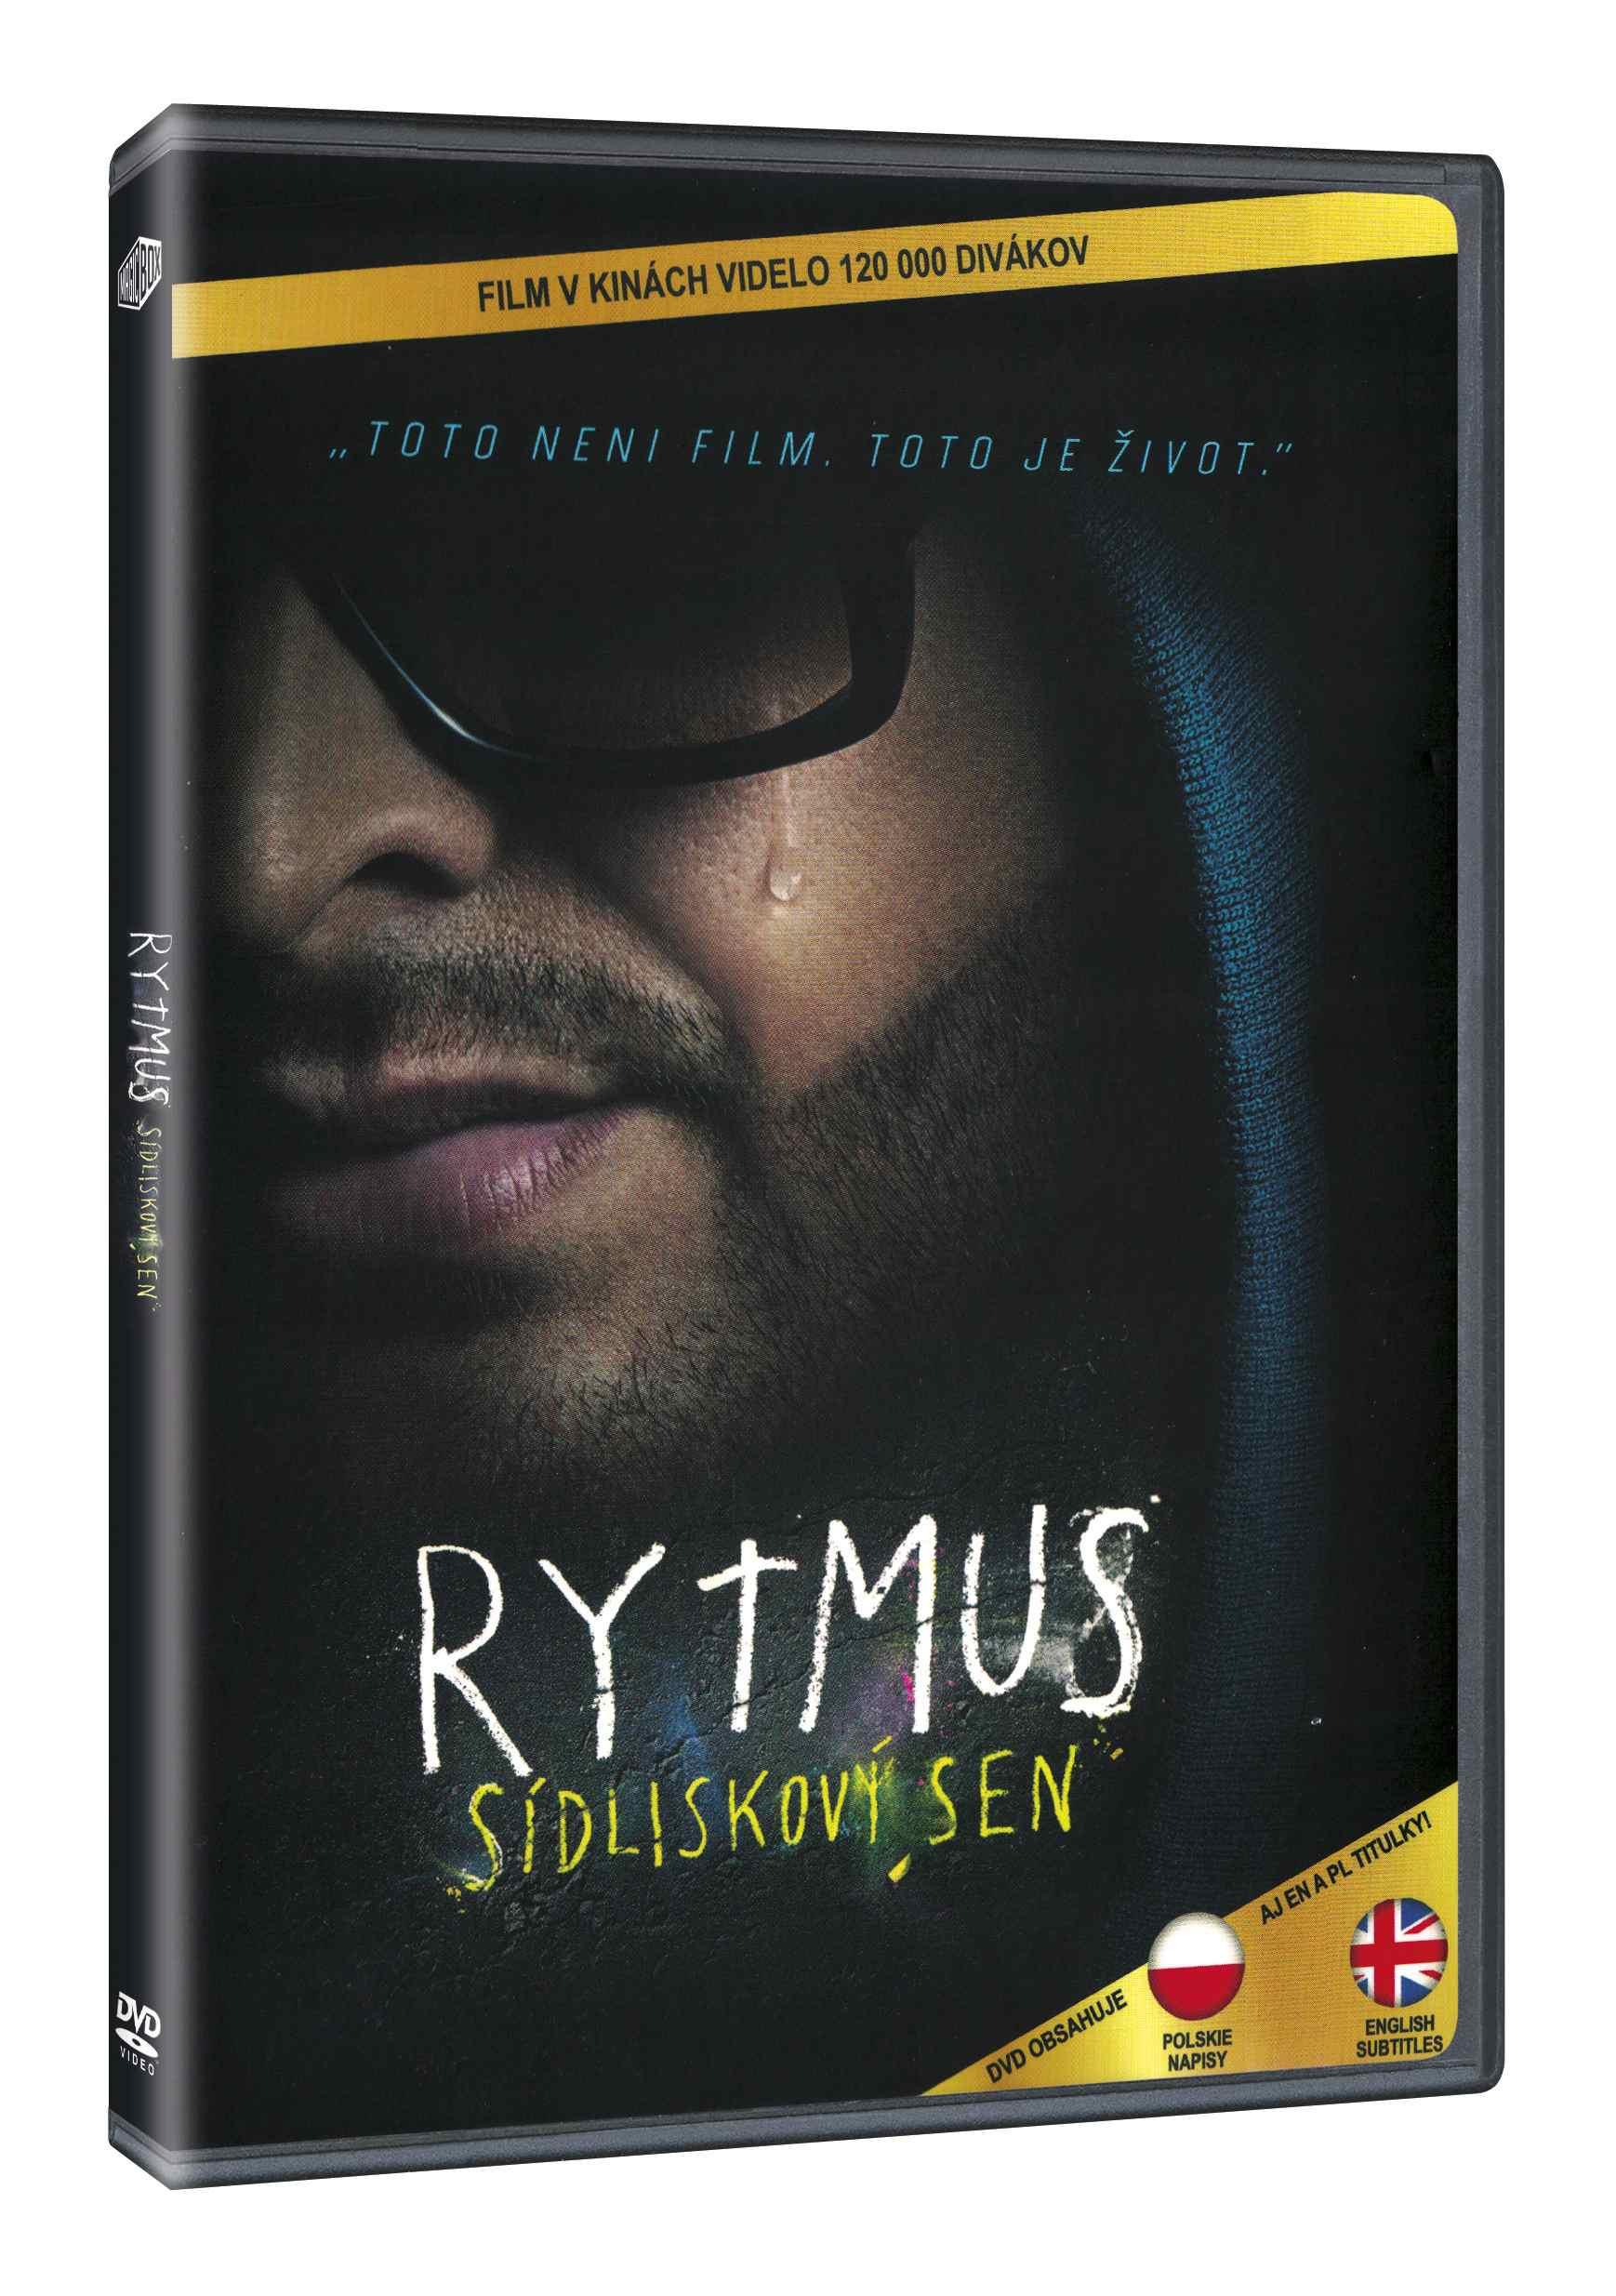 RYTMUS sídliskový sen - DVD